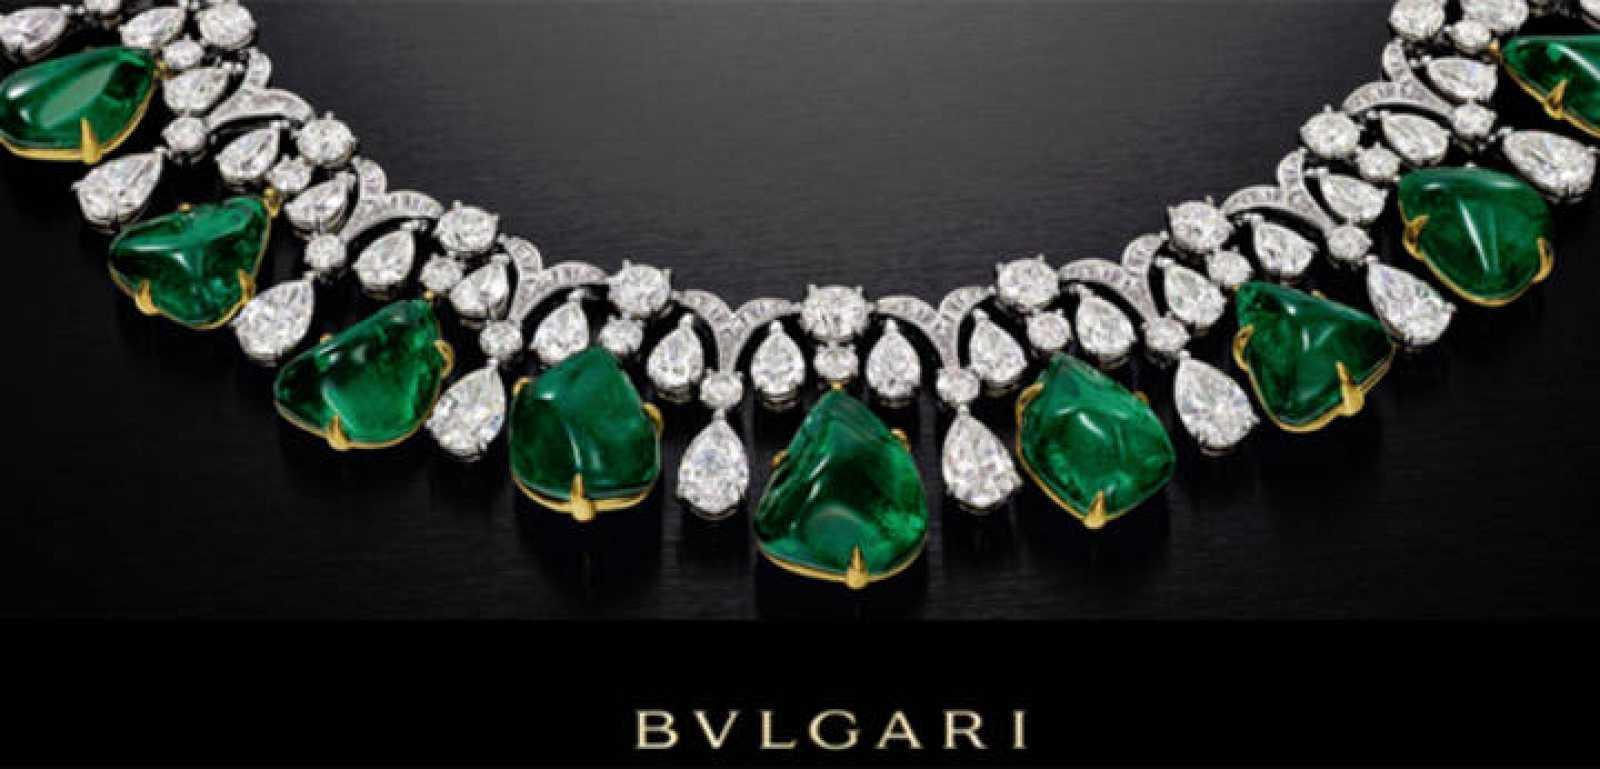 La firma de lujo francesa Louis Vuitton comprará la joyería italiana ...